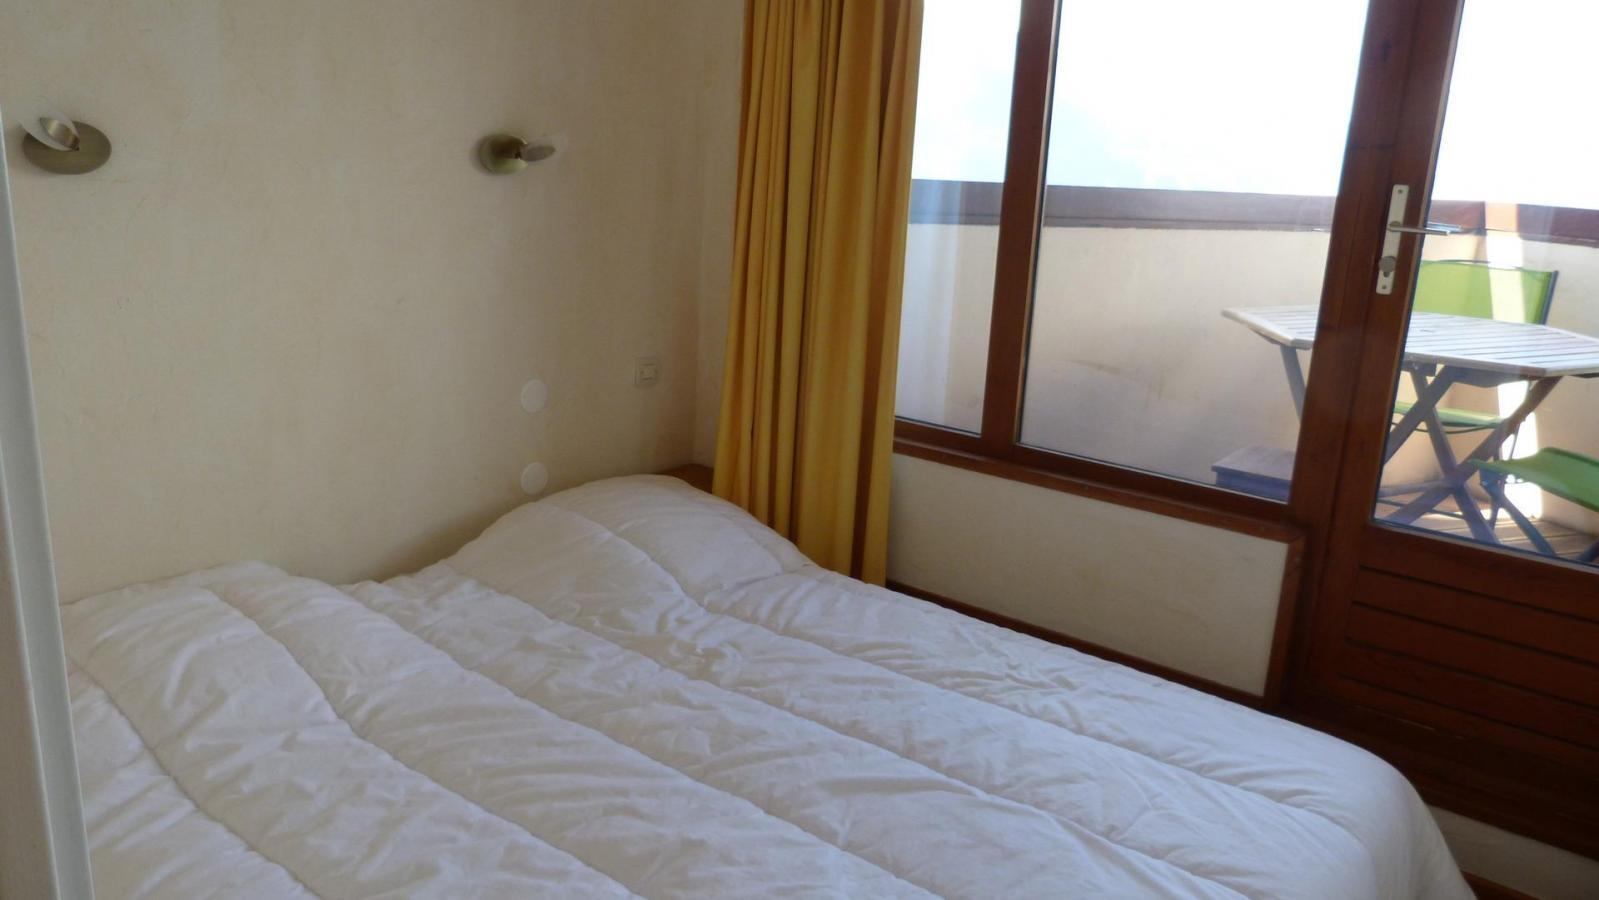 Location au ski Appartement 3 pièces 6 personnes (907) - Residence Le Ruitor - Les Arcs